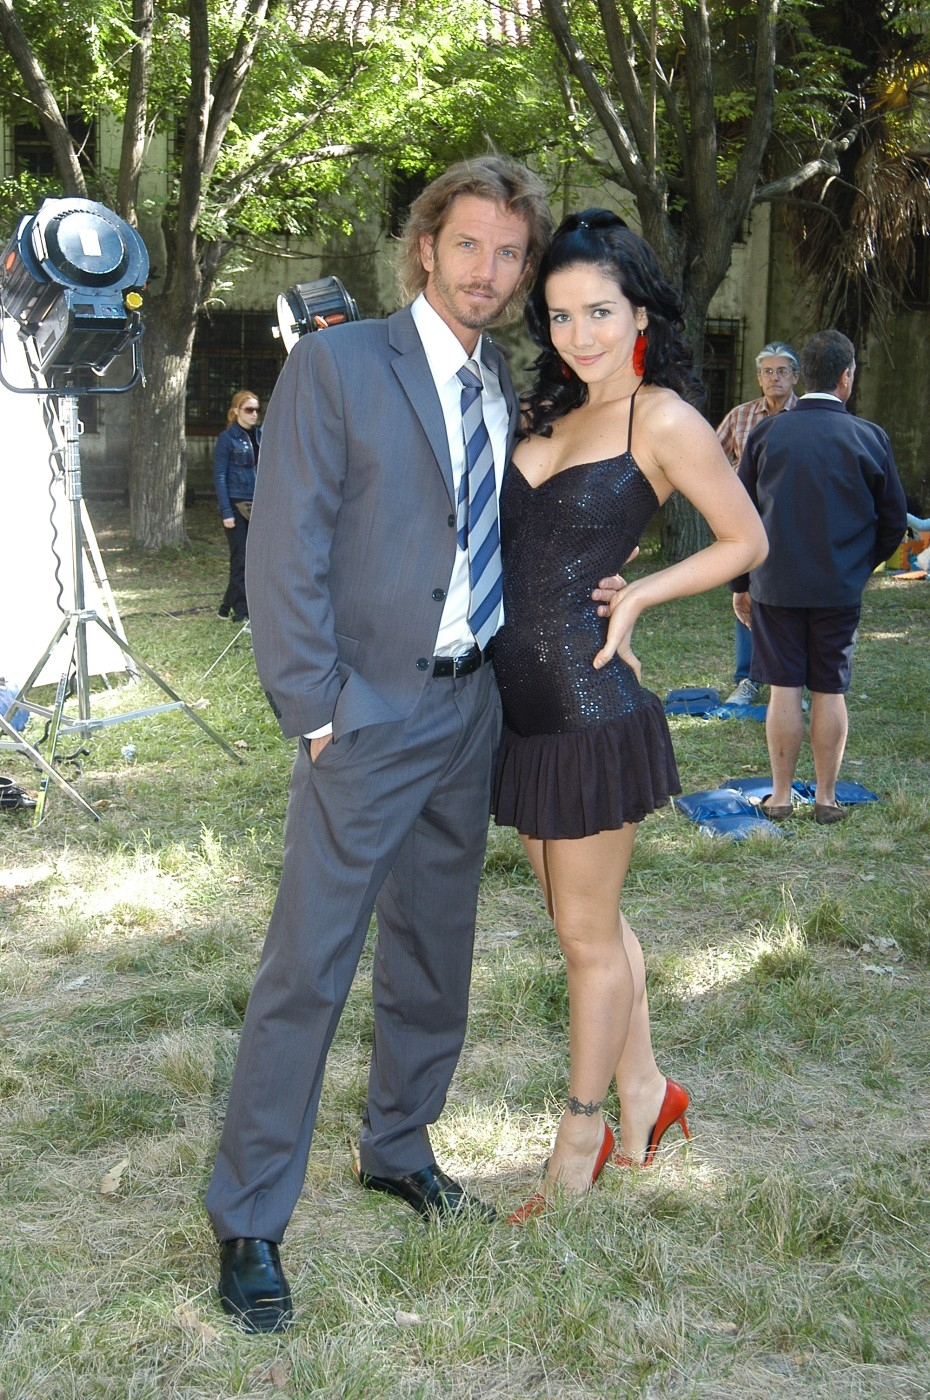 Facundo Arana a Natalia v telenovele Jsi můj život